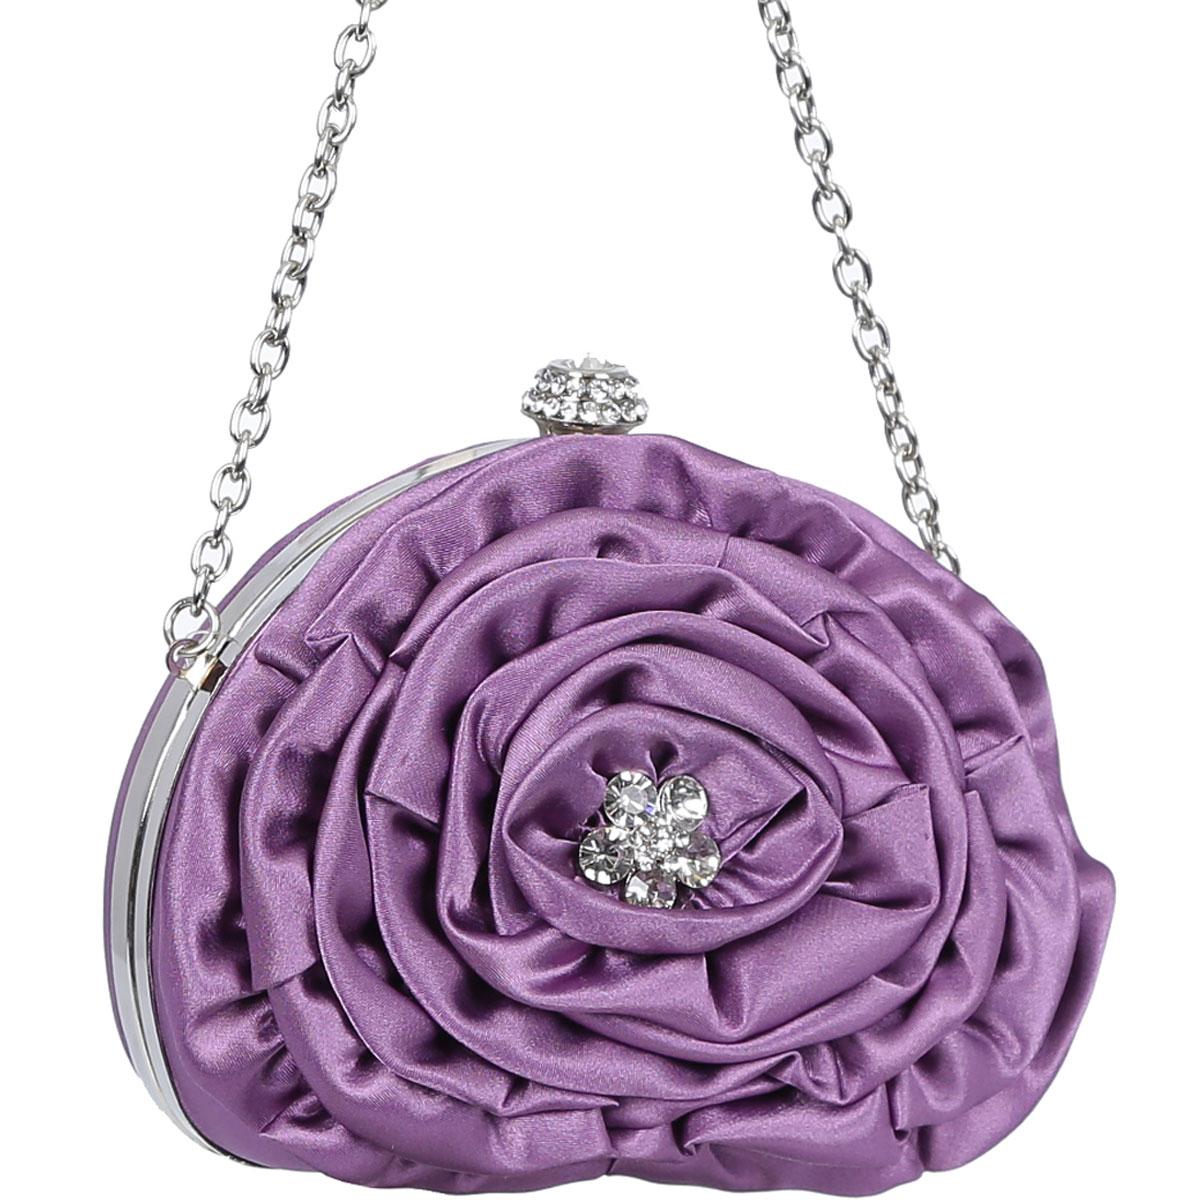 Клатч Fabretti, цвет: фиолетовый. 5410-55410-5 purpleЭлегантный вечерний клатч Fabretti выполнен из полиэстера и металла. Изделие оформлено оригинальным цветком из текстиля, который дополнен стразами. Изделие содержит одно отделение и закрывается на рамочный замок, декорированный стразами. Внутри расположено вместительное отделение. Клатч оснащен укороченным ремнем-цепочкой, который позволит носить изделие на запястье. Клатч Fabretti прекрасно завершит ваш праздничный образ.